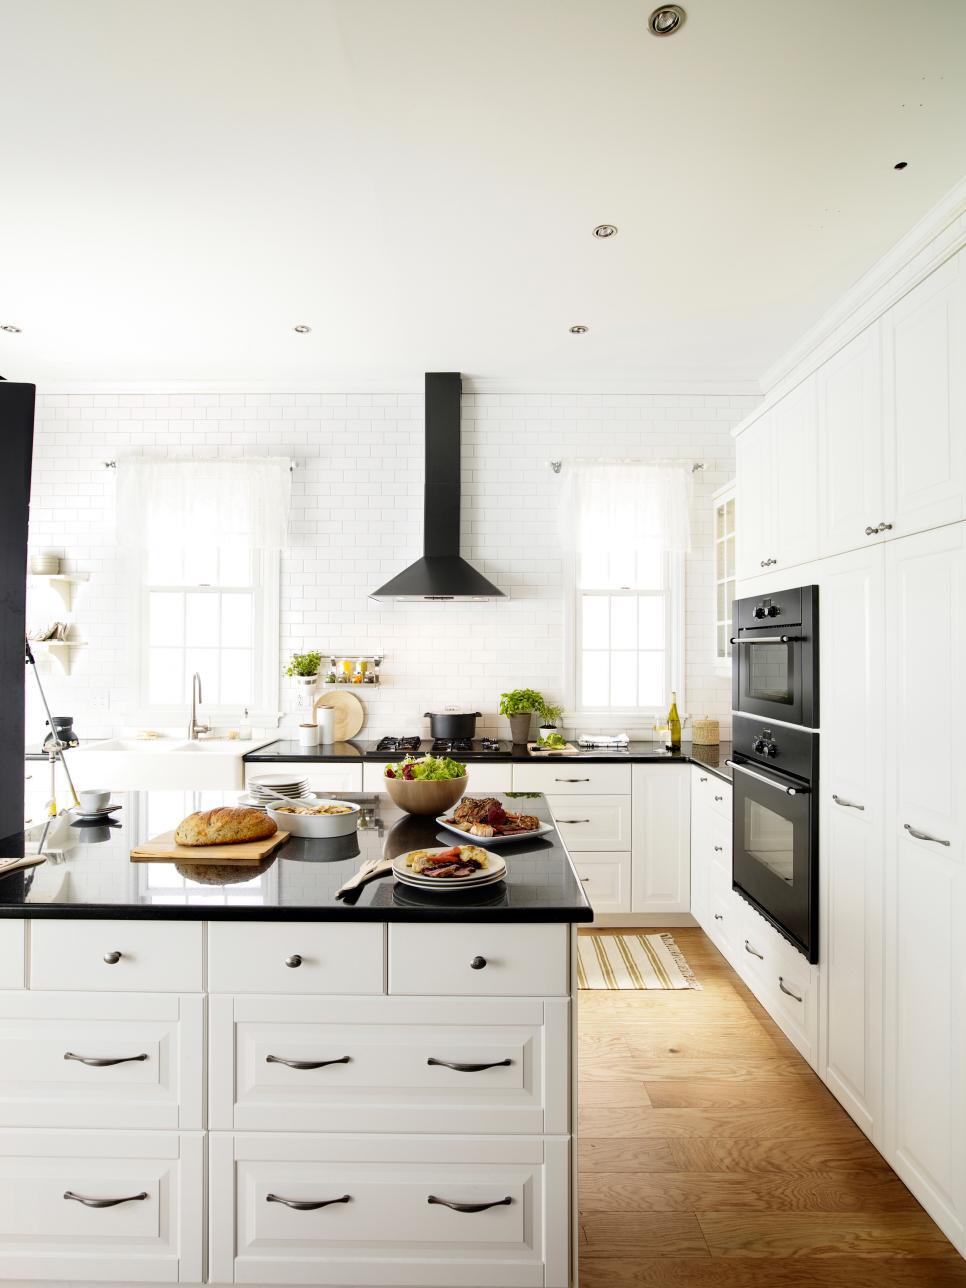 Best ideas about Best Kitchen Ideas . Save or Pin 20 Amazing Modern Kitchen Cabinet Design Ideas DIY Now.